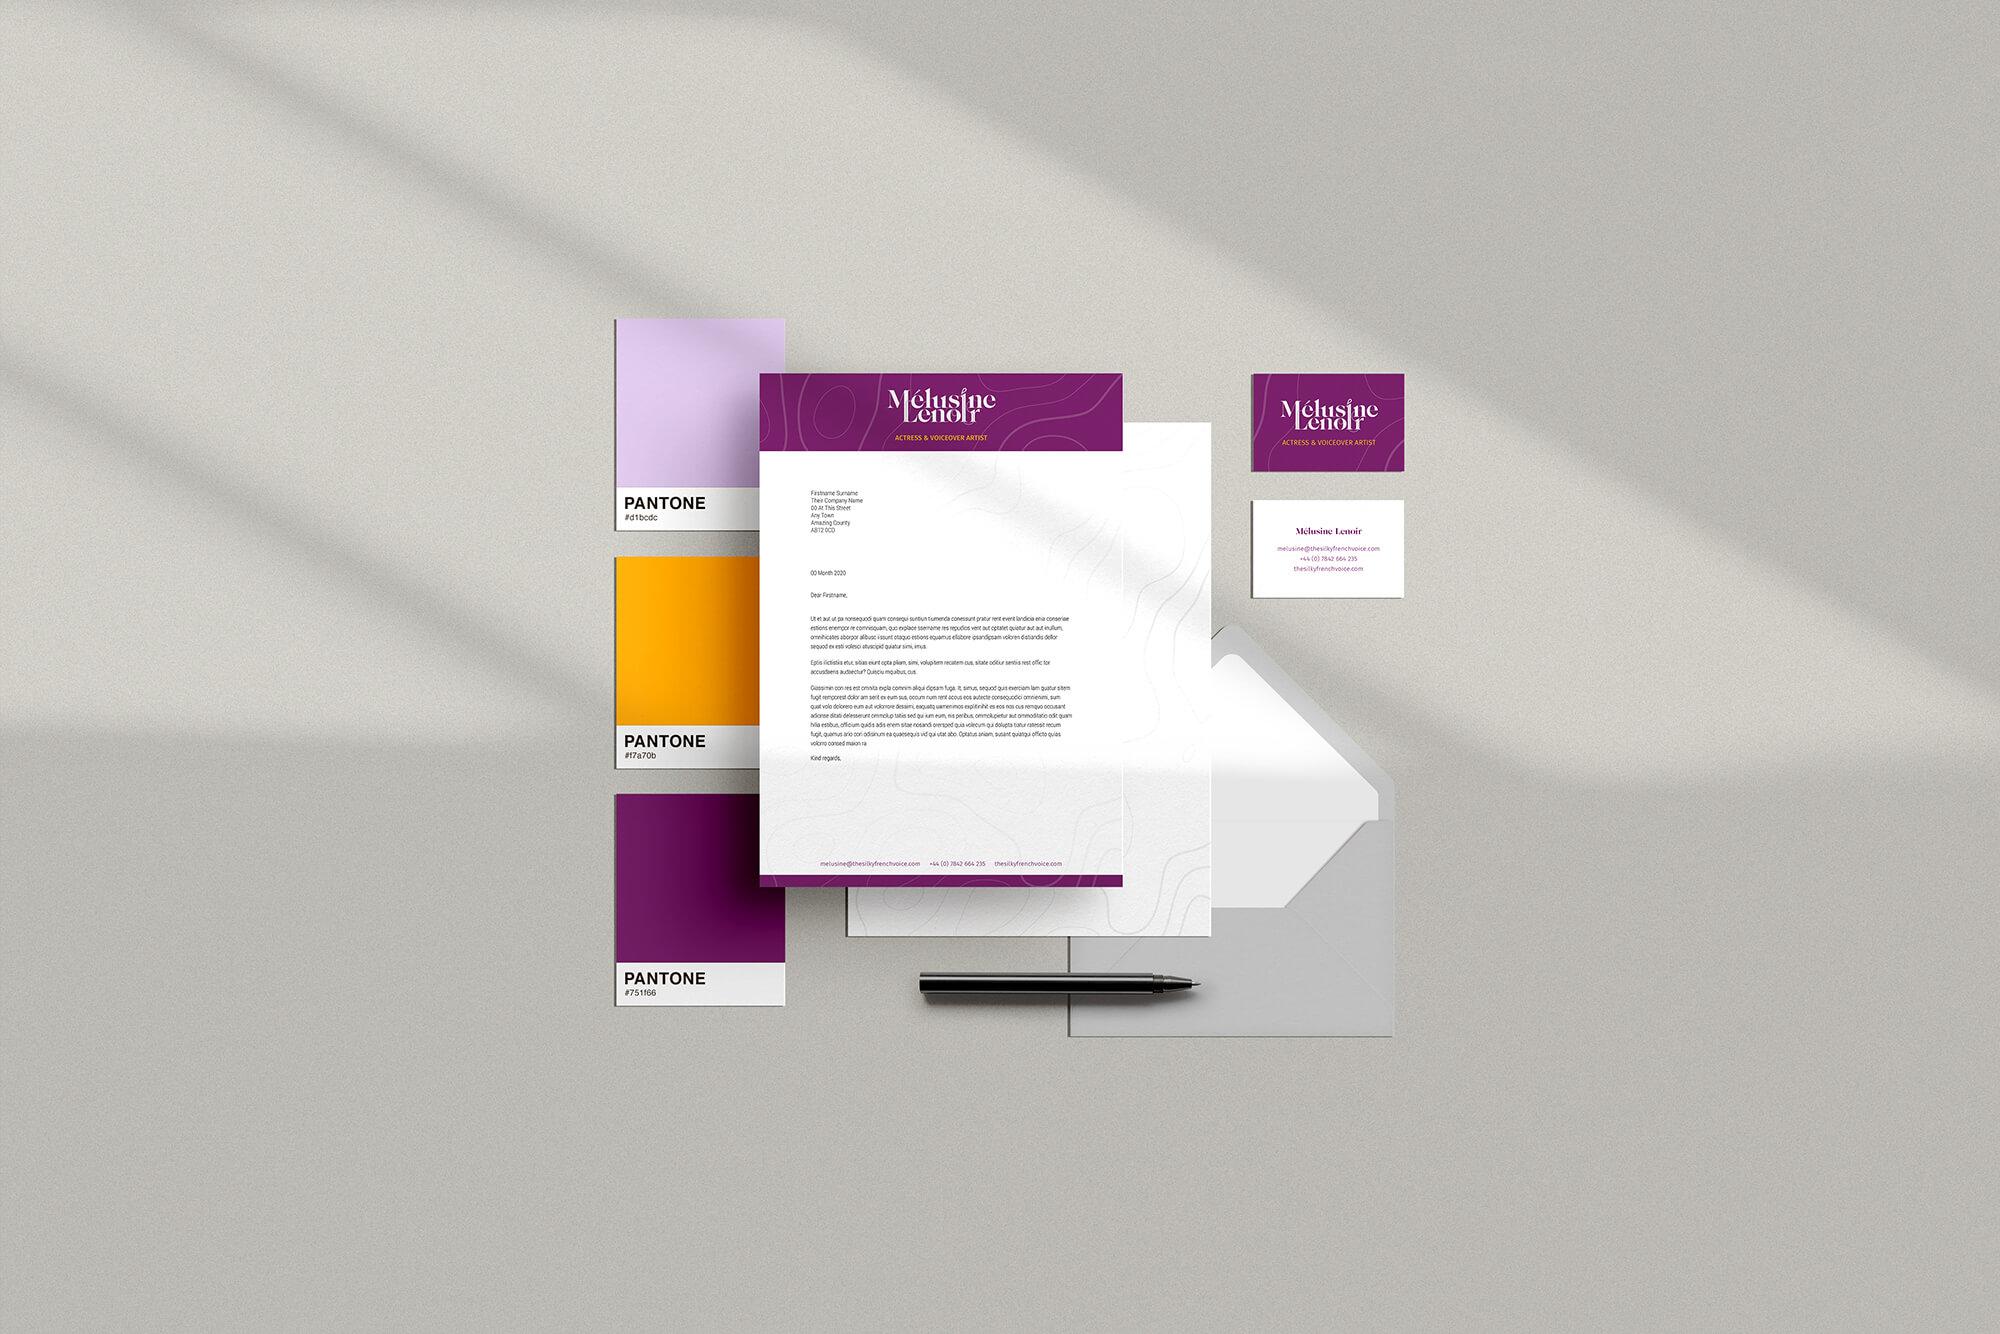 Melusine Lenoir voiceover branding business stationery